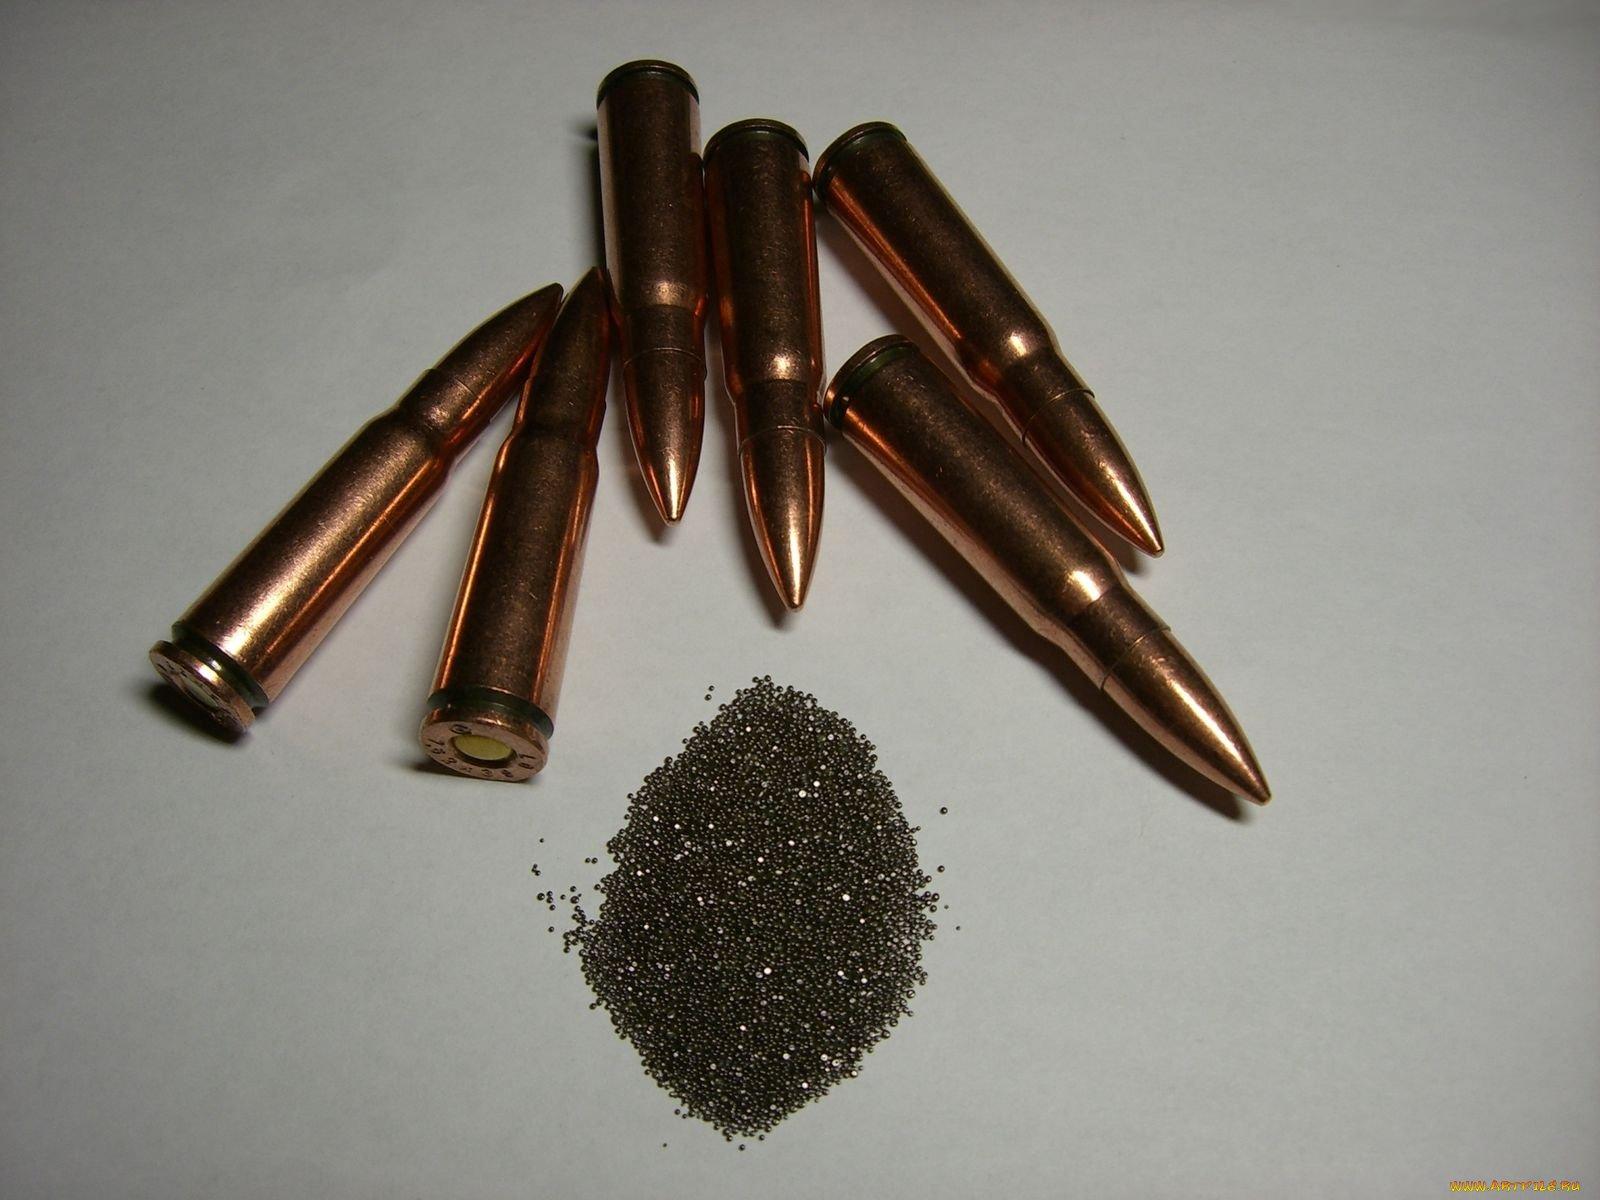 Почти 5 кг взрывчатых веществ изъяли у жителей Удмуртии за месяц